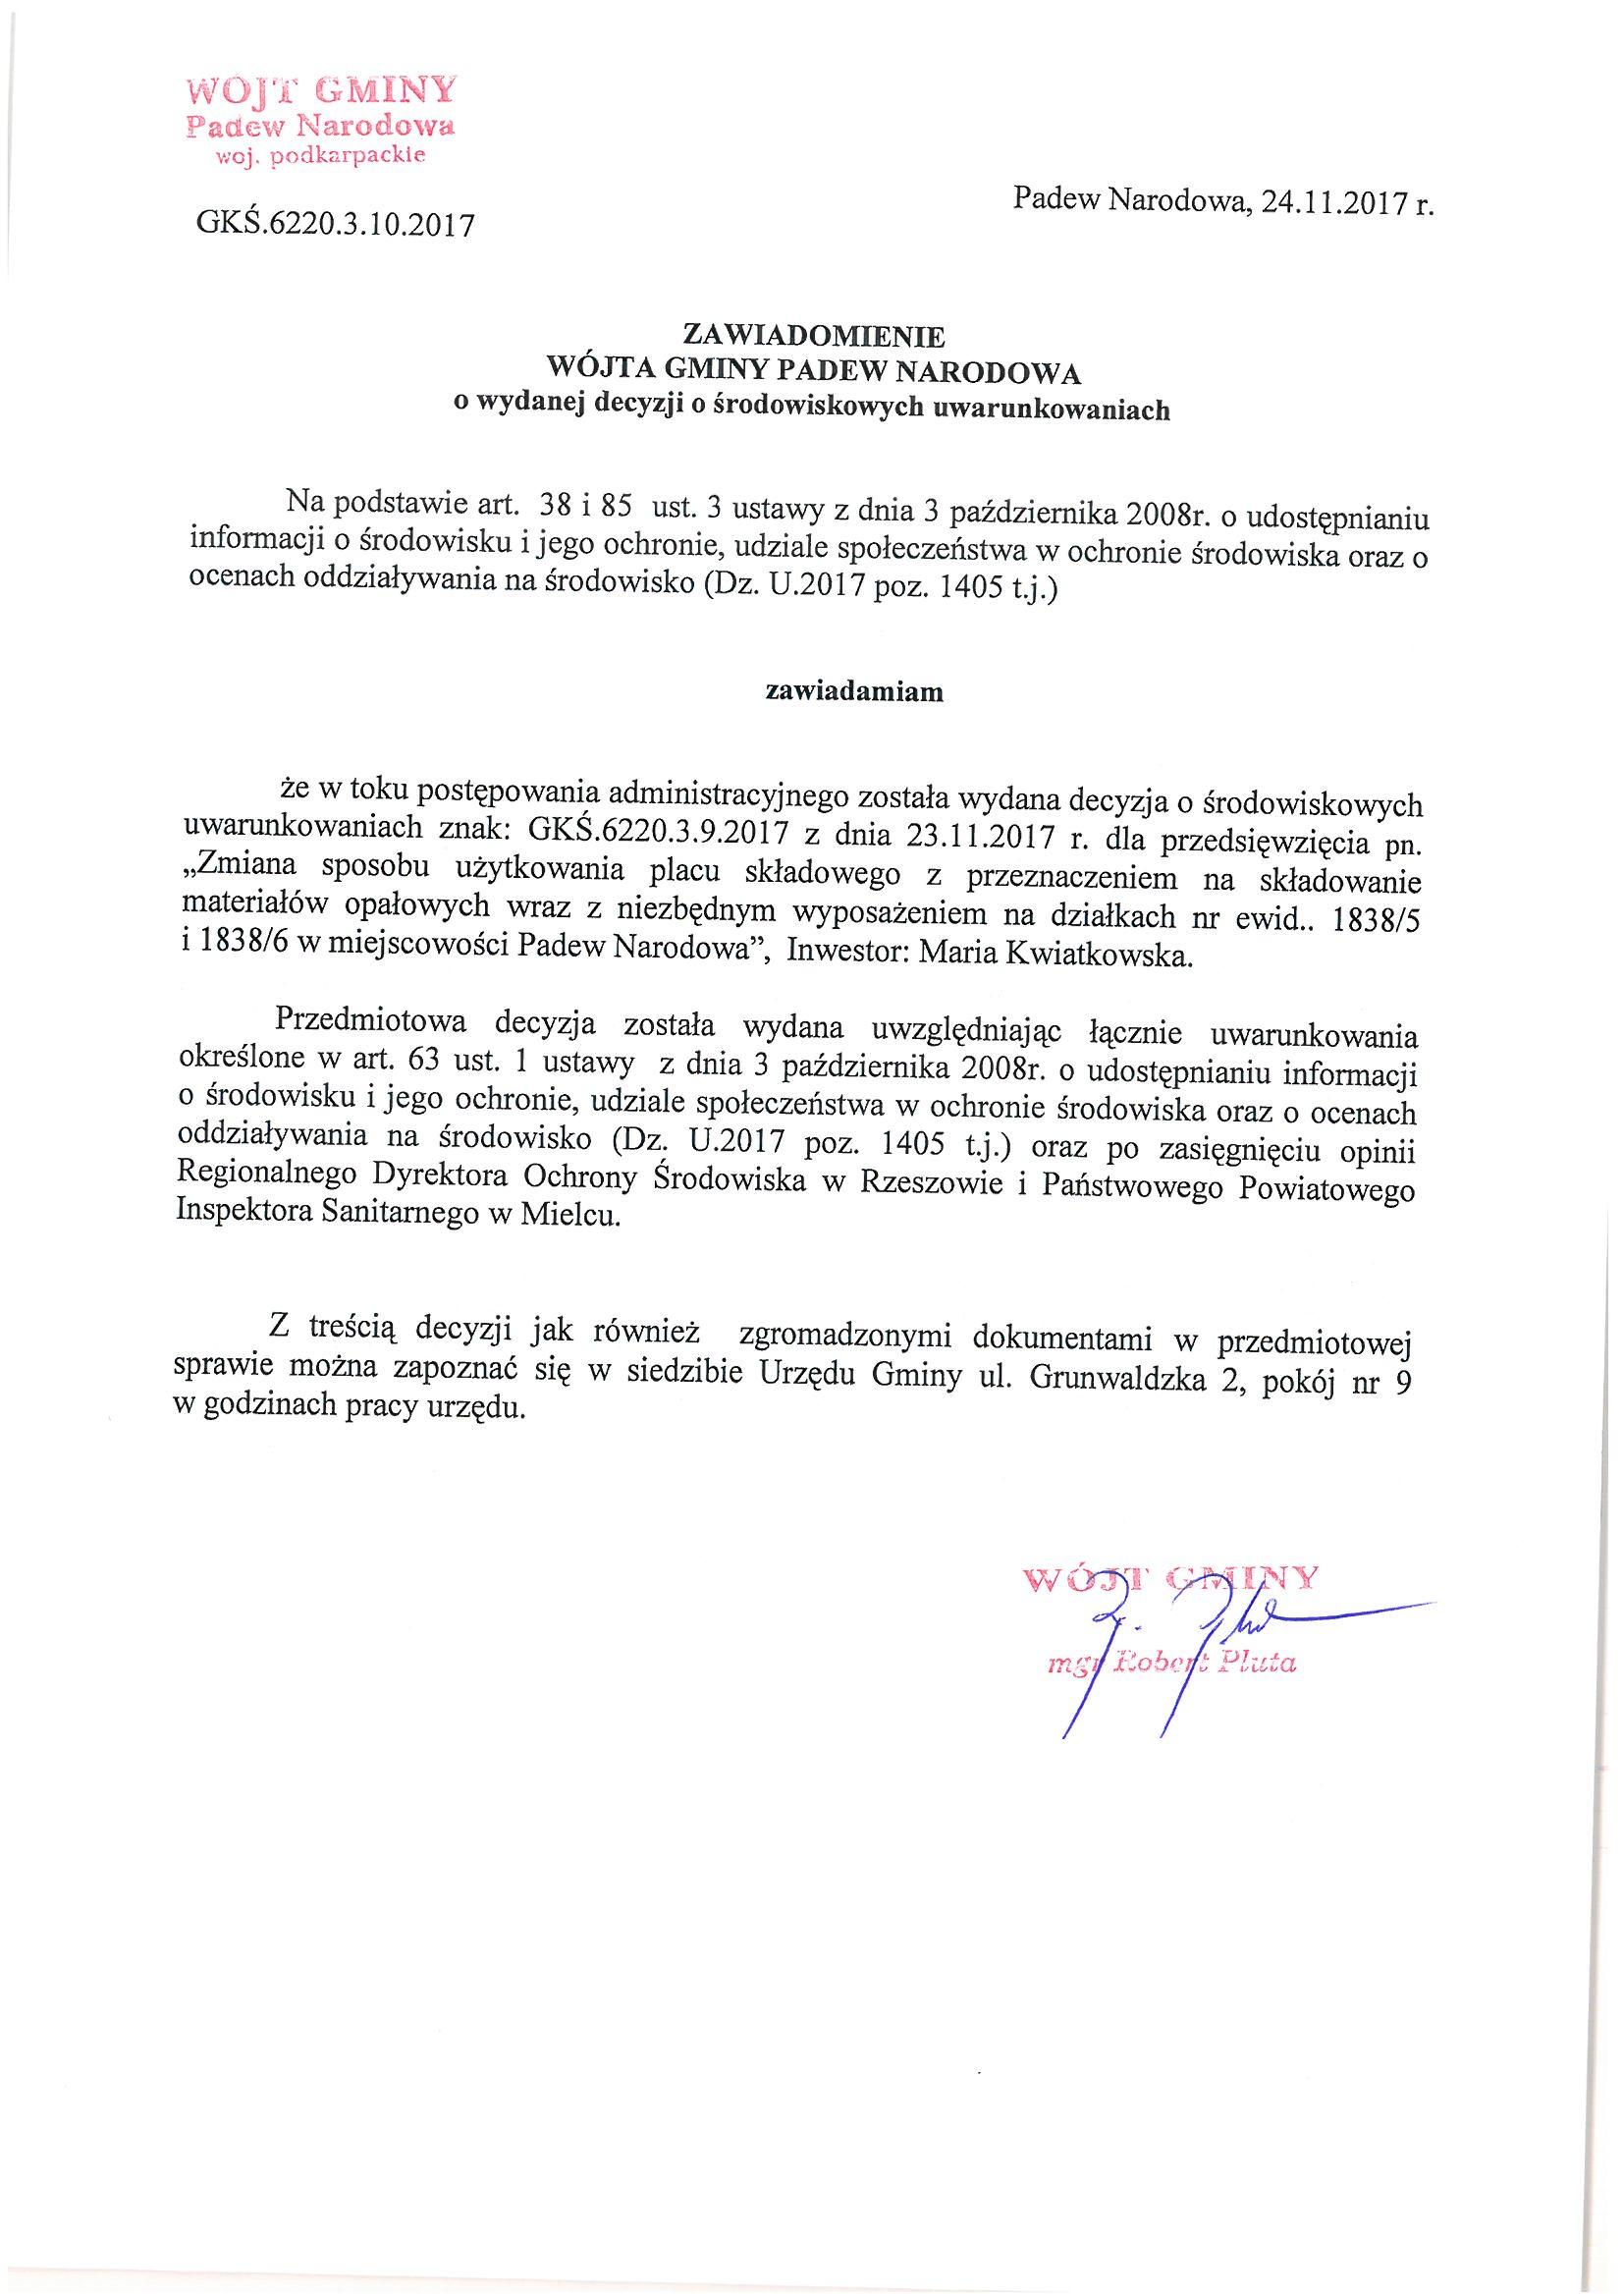 ---- zawiadomienie wójta gminy z dn. 24.11. 2017.jpg